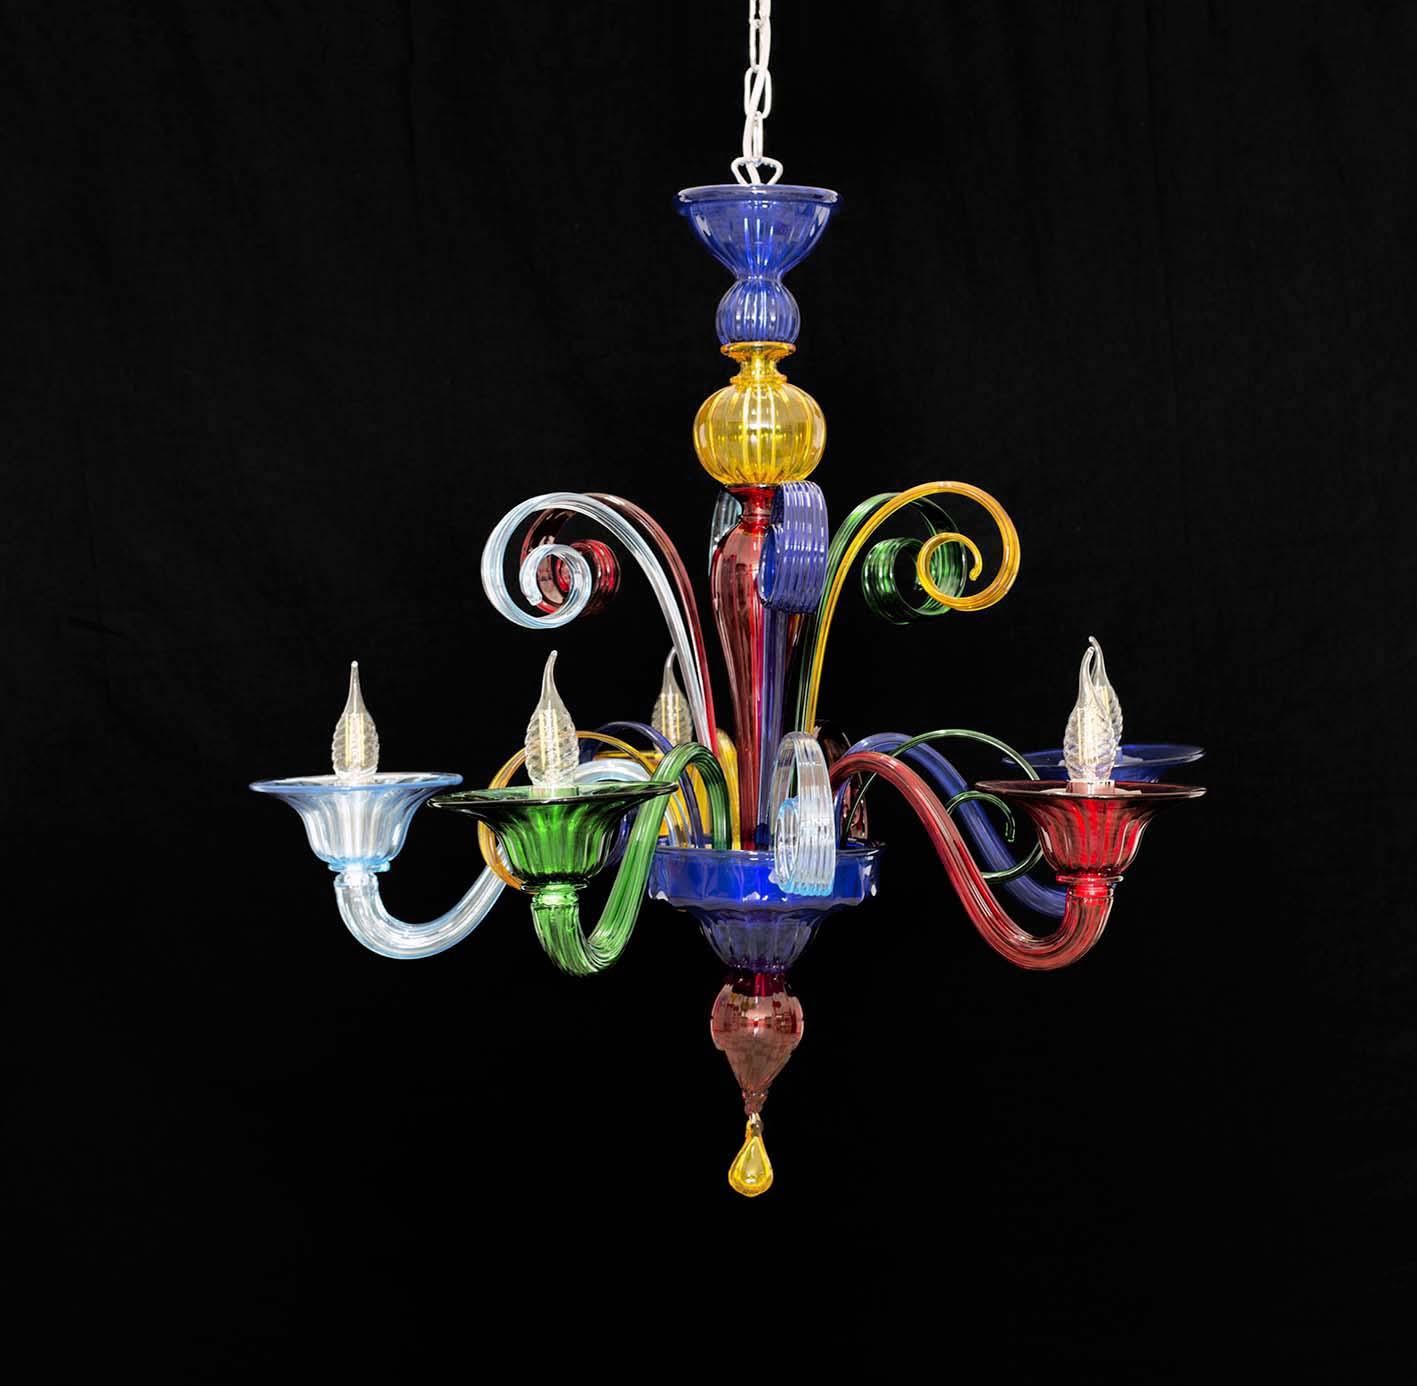 Cristalleria murano, shop online specializzato nella vendita di lampadari in vetro di murano made in italy 100% veneziani a prezzi di fabbrica. Nemo Lampadario Murano Cerchi Un Lampadario Moderno